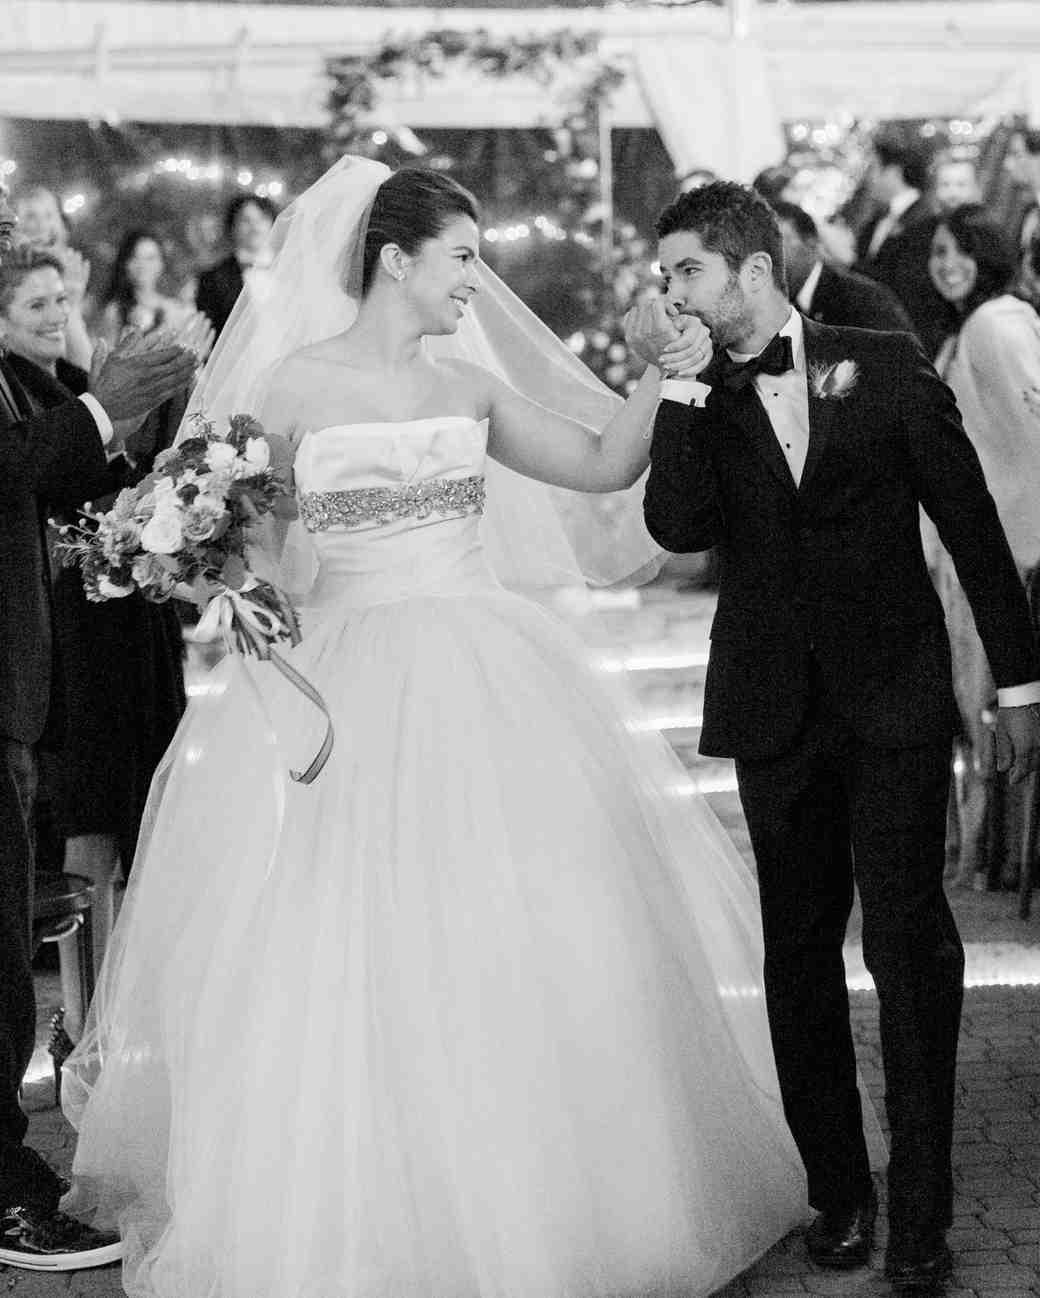 stacey-adam-wedding-kiss-0090-s112112-0815.jpg